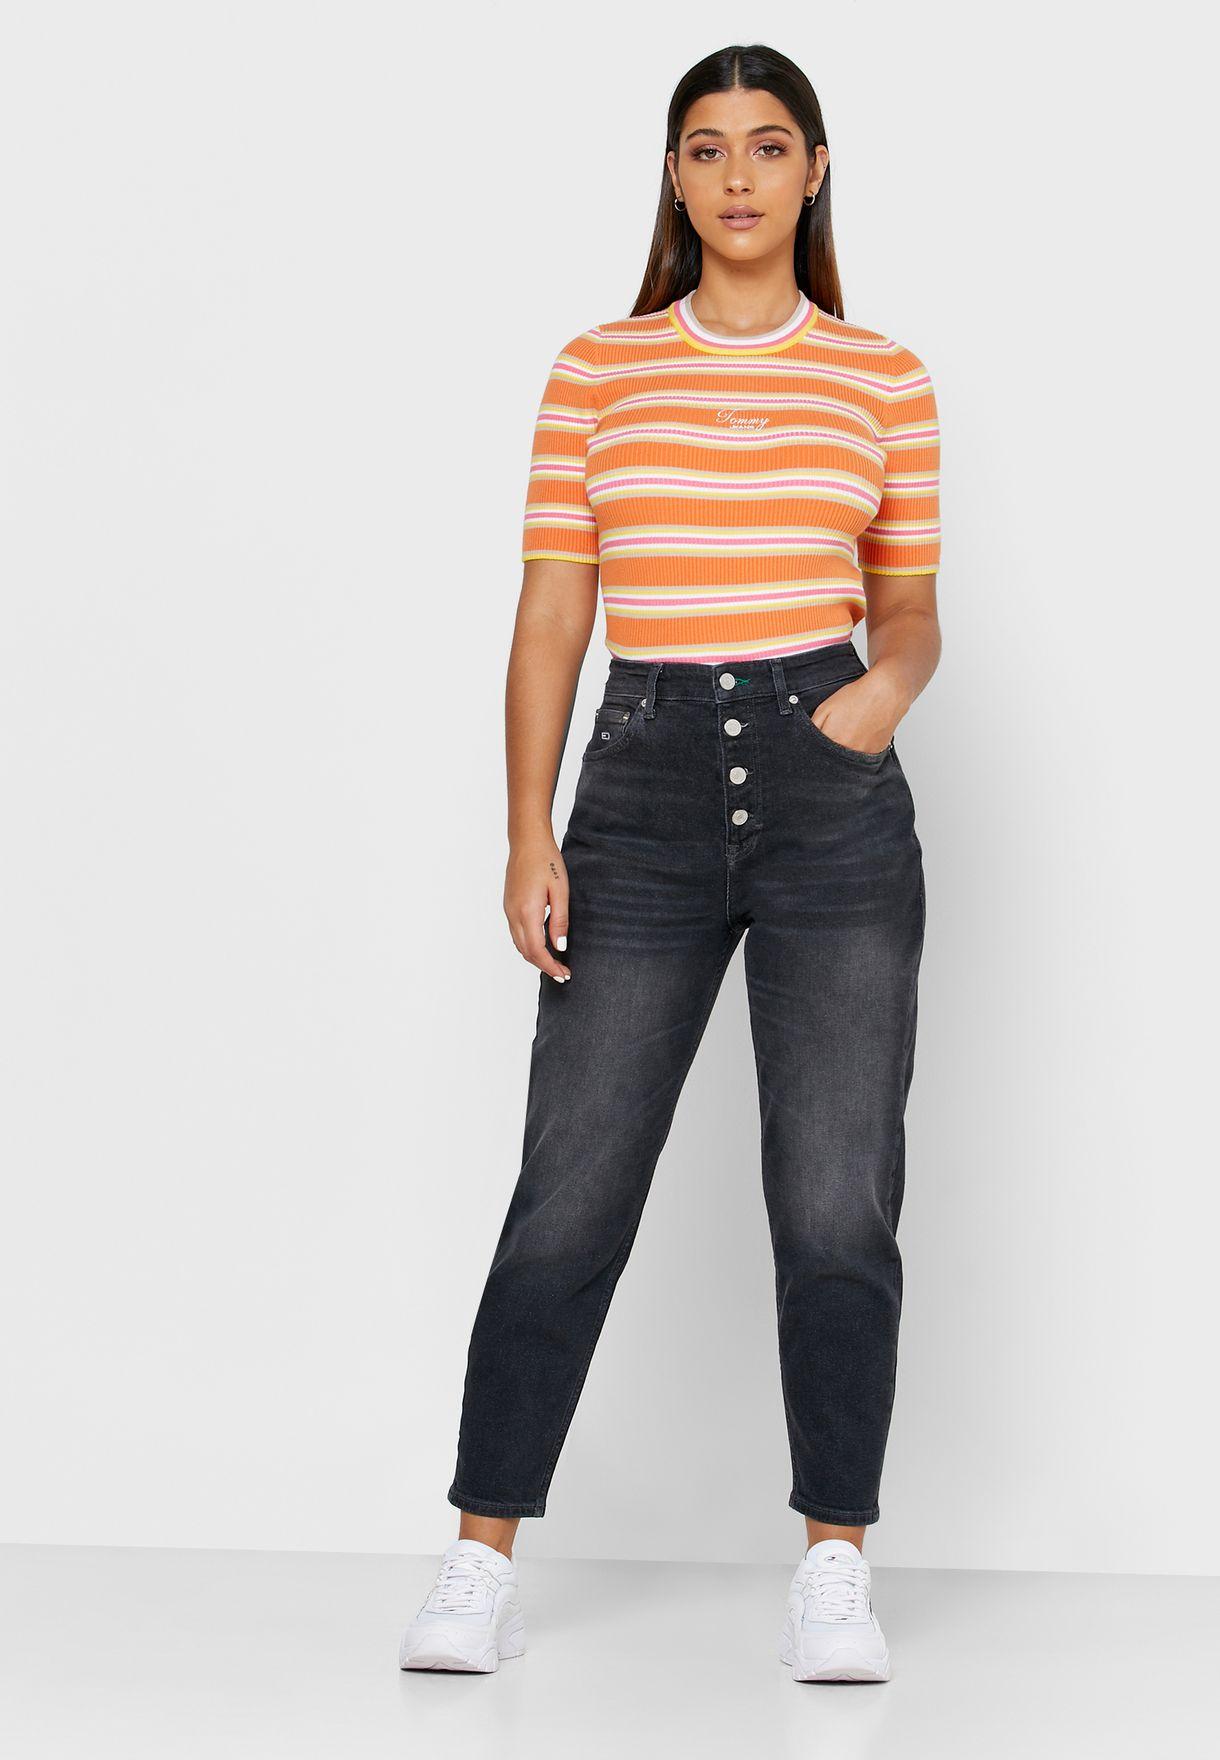 جينز مام بشعار الماركة